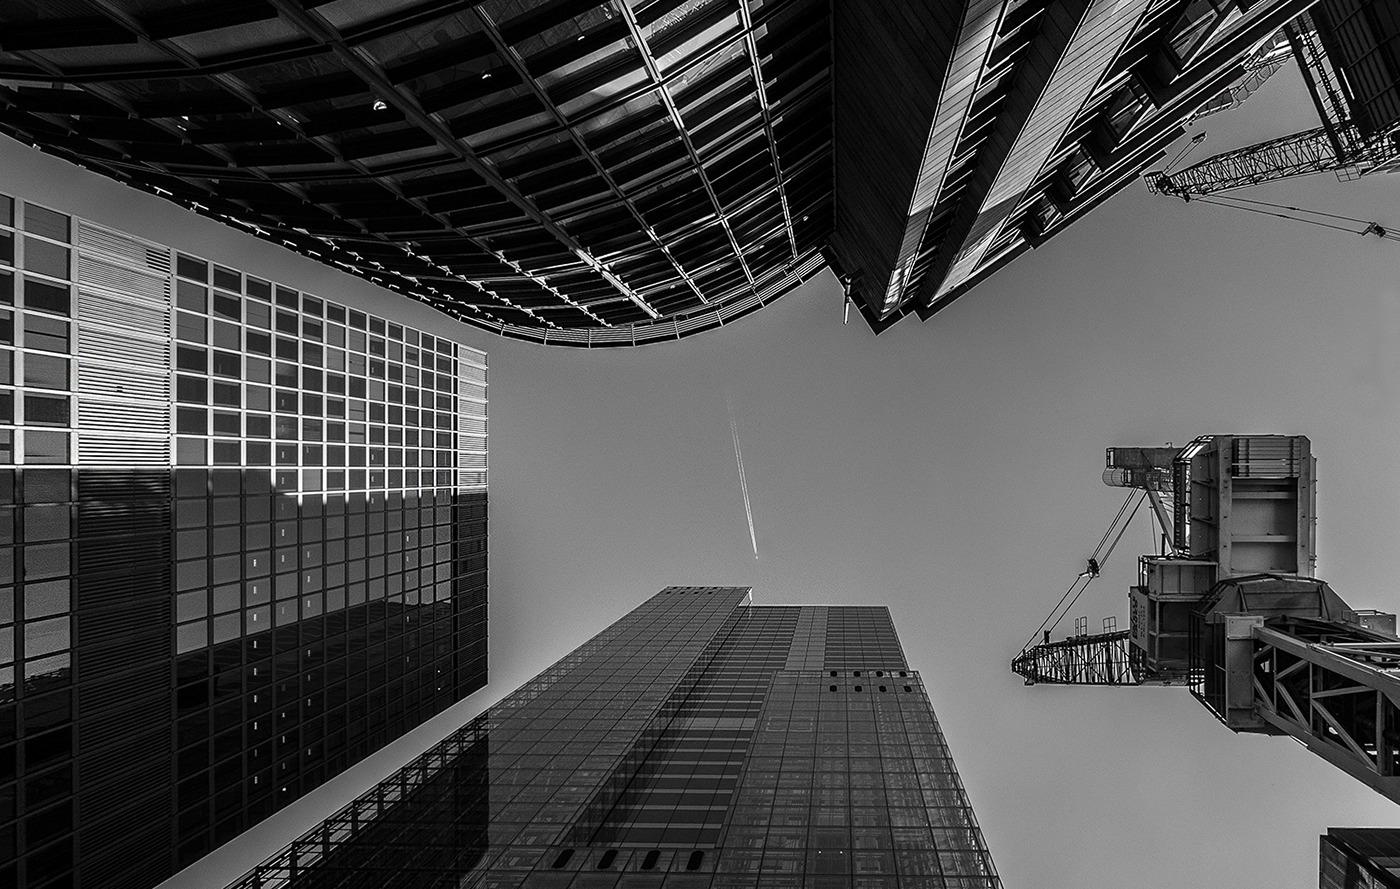 skyscrapers—west-end-london-vladimir-petek-photography.jpg